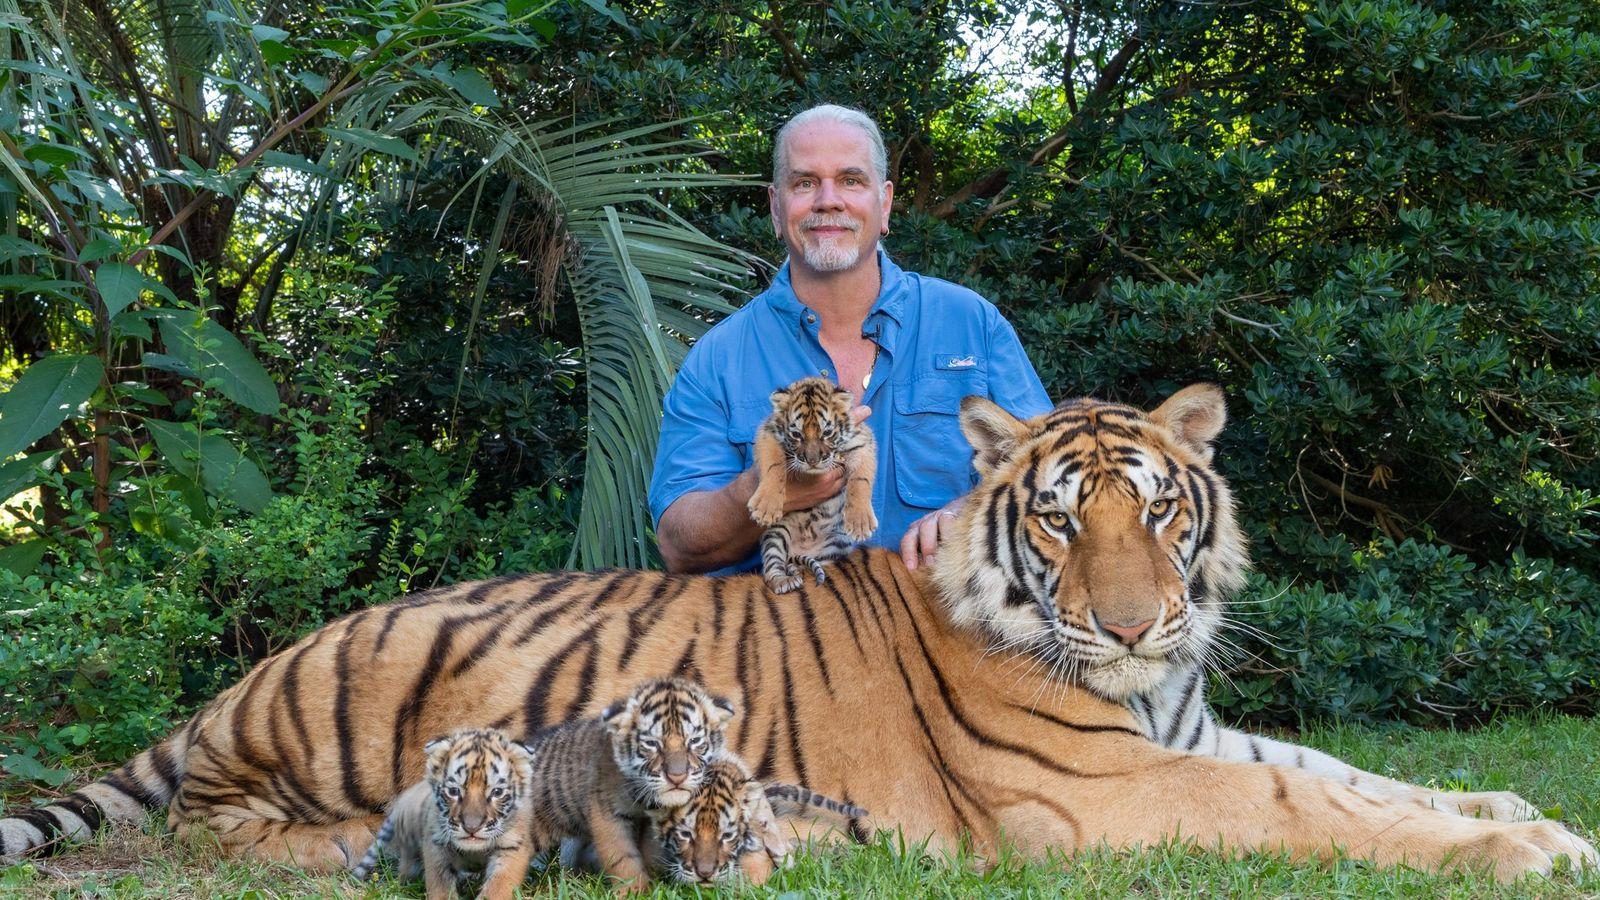 Bhagavan Antle, dit « Doc », prend la pose avec les tigres de son parc zoologique Myrtle Beach ...